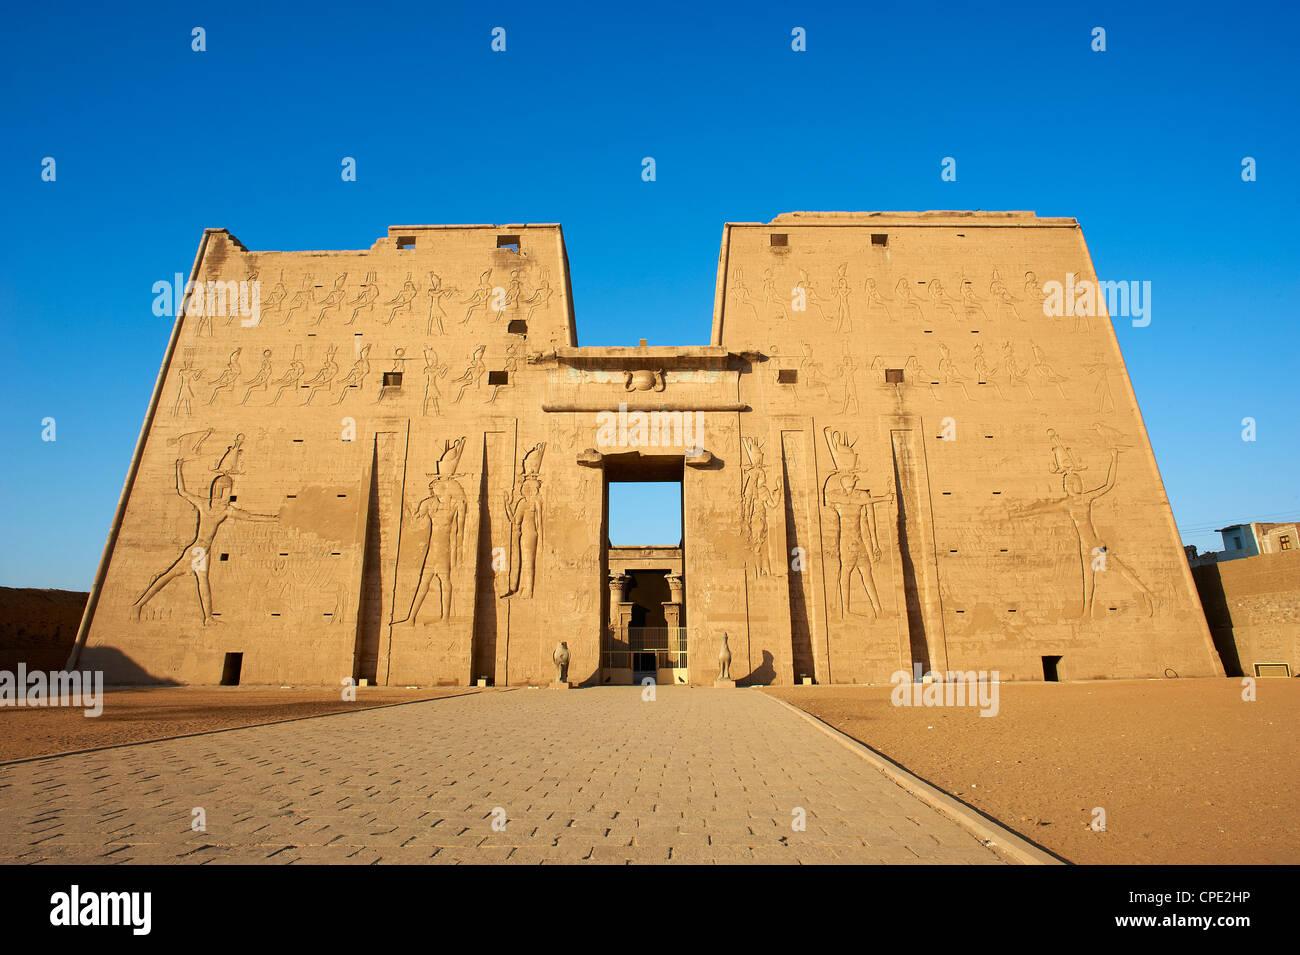 Pylône, Temple d'Horus, Edfou, Egypte, Afrique du Nord, Afrique Photo Stock